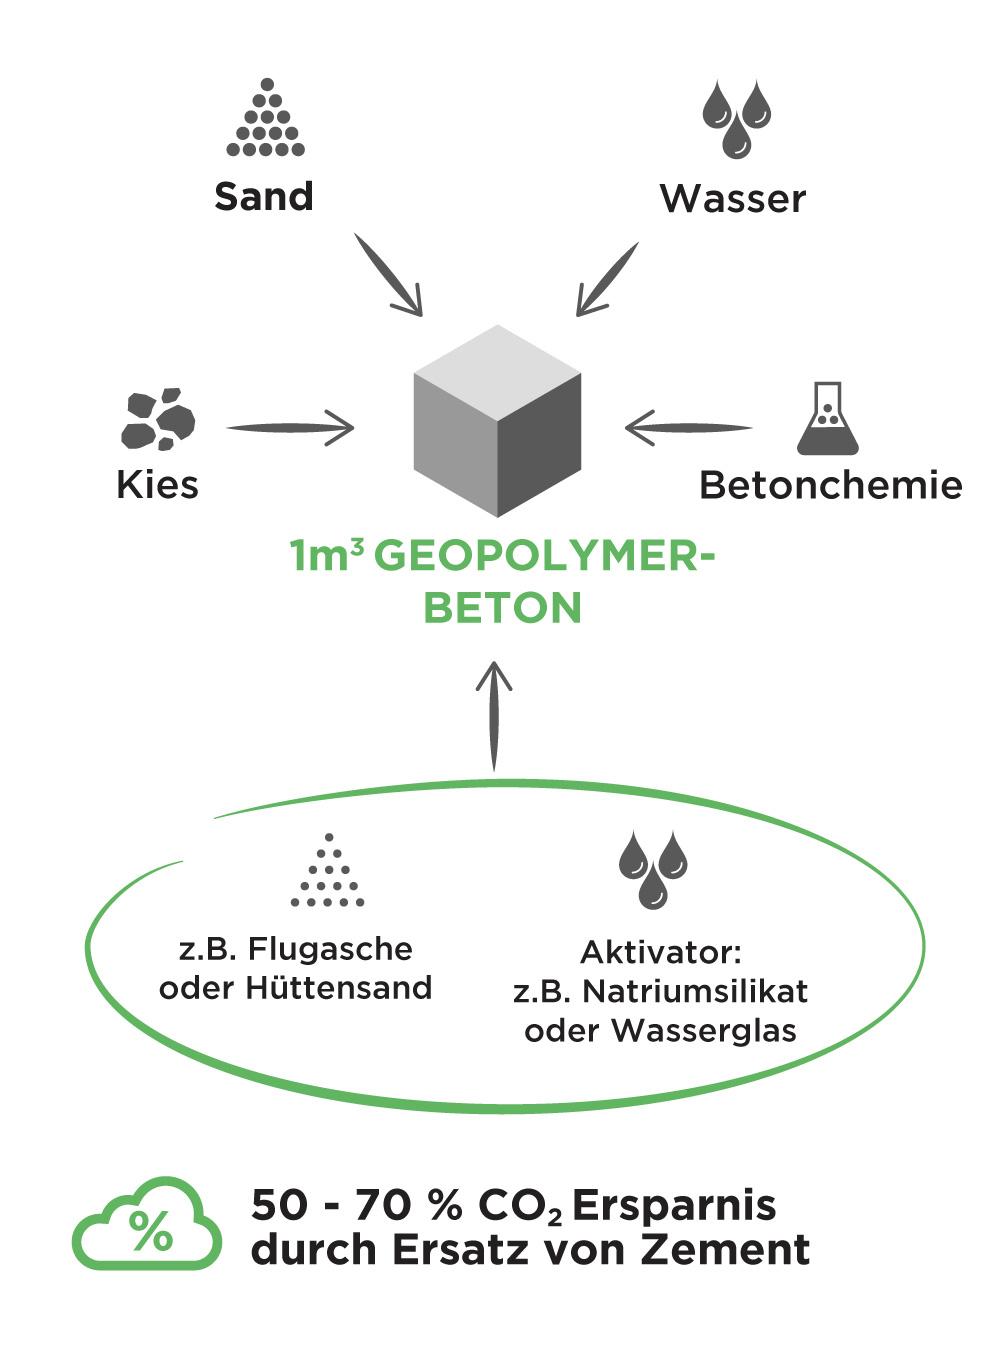 Grafik zur Herstellung von Geopolymerbeton inklusive Zusammensetzung und Bestandteile